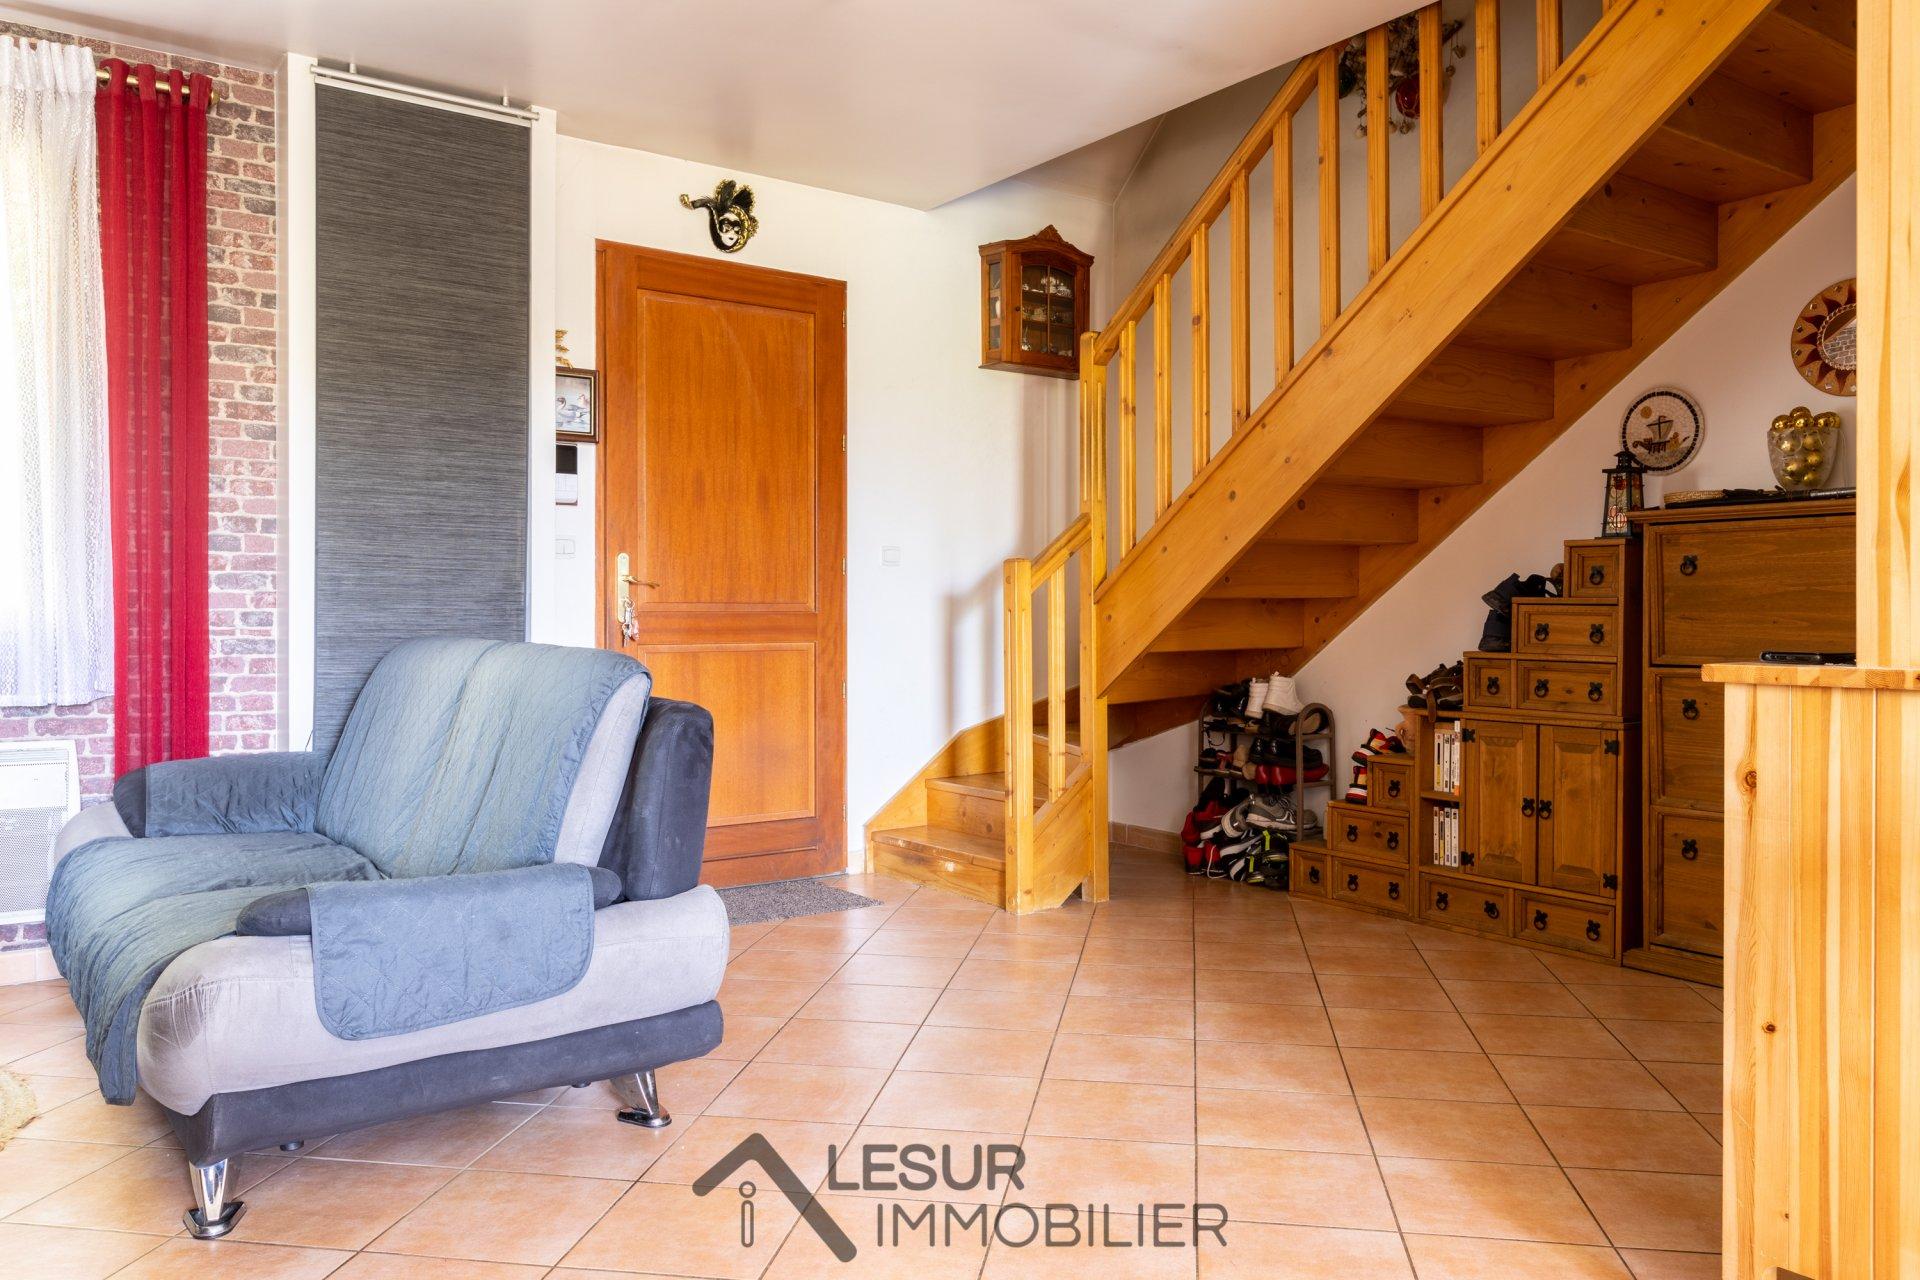 Vente Maison - Brétigny-sur-Orge